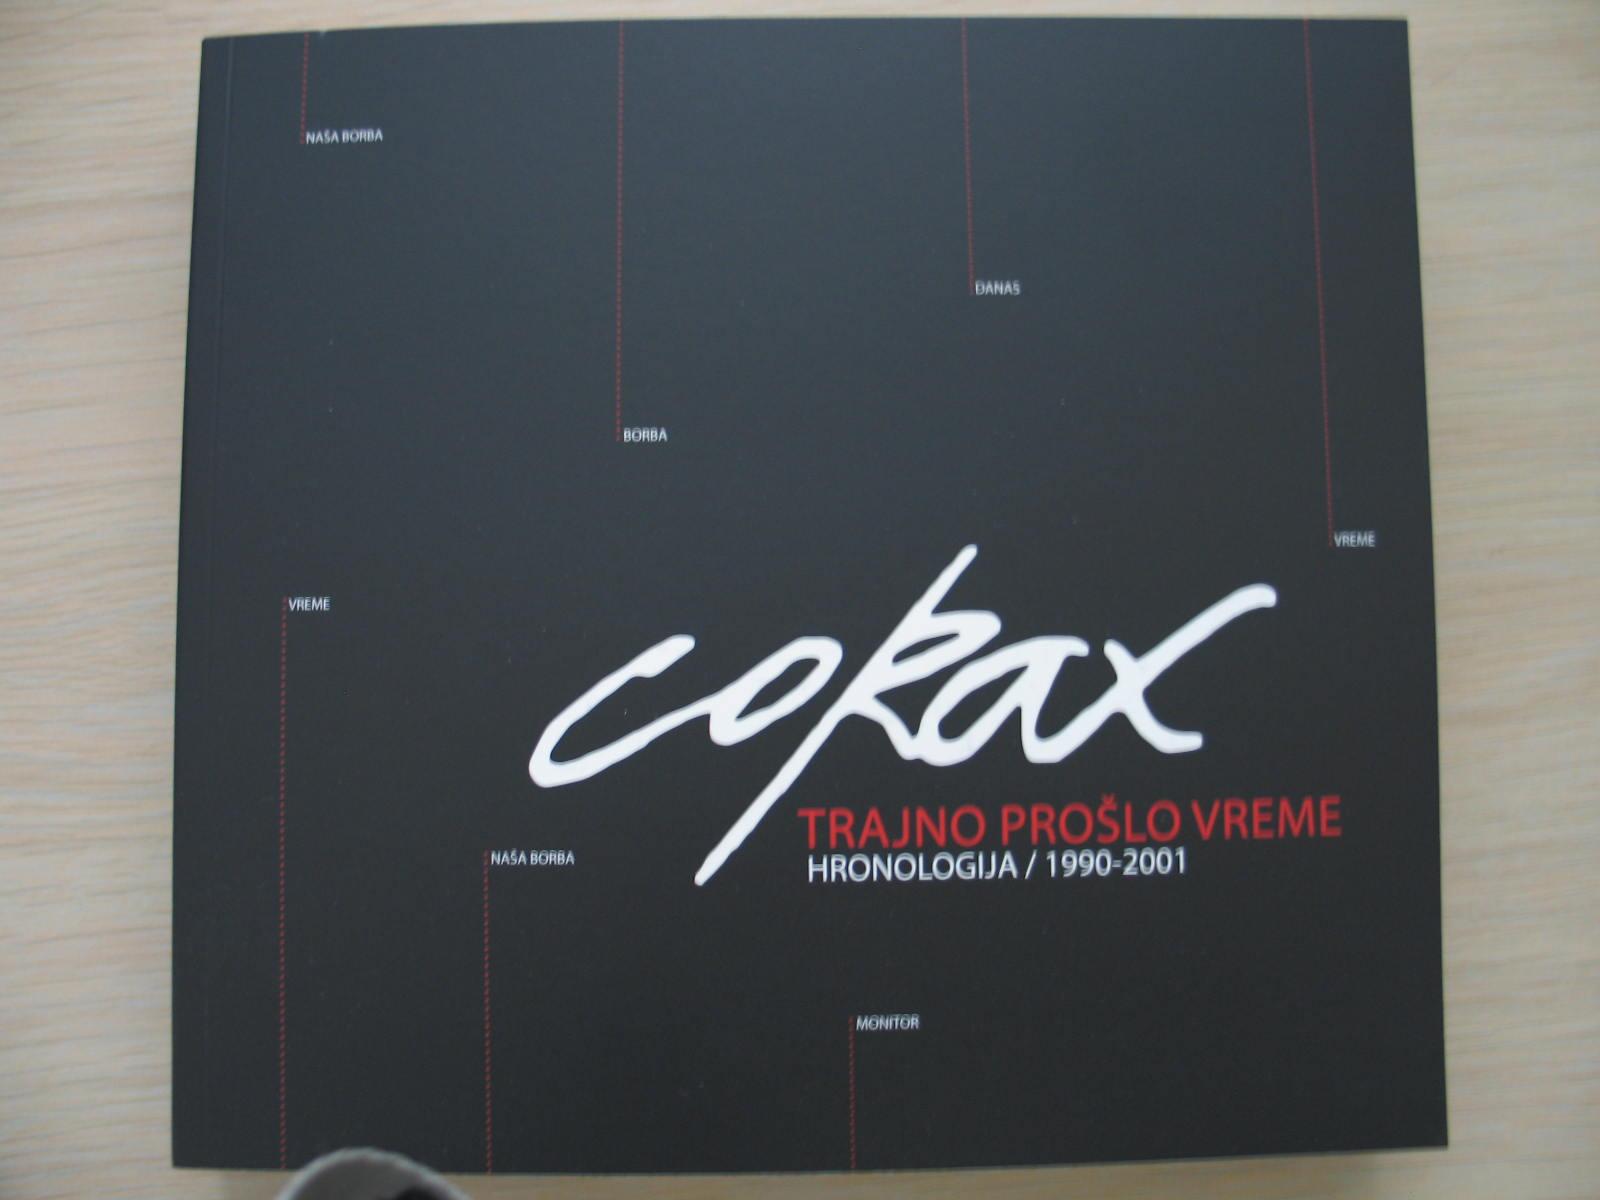 CORAX - Trajno prošlo vreme - hronologija 1990-2001